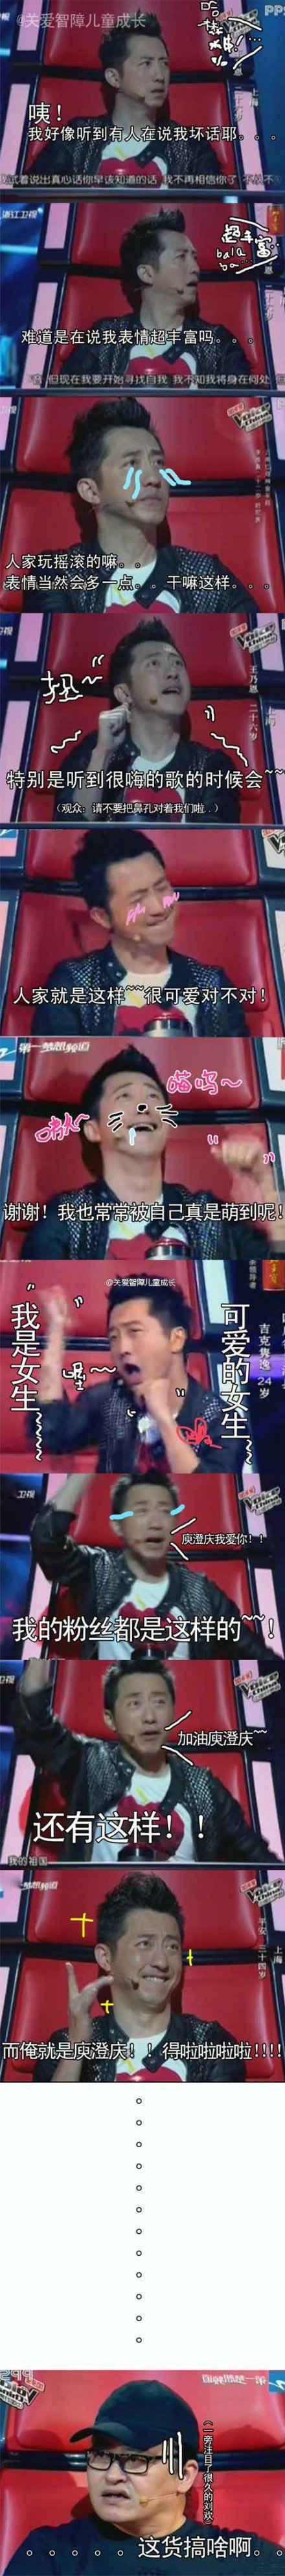 看中国好声音最让我心抽的不是歌手的歌声。。而是庾澄慶 的表情!!!!!做了个表情图>W<!!!!!